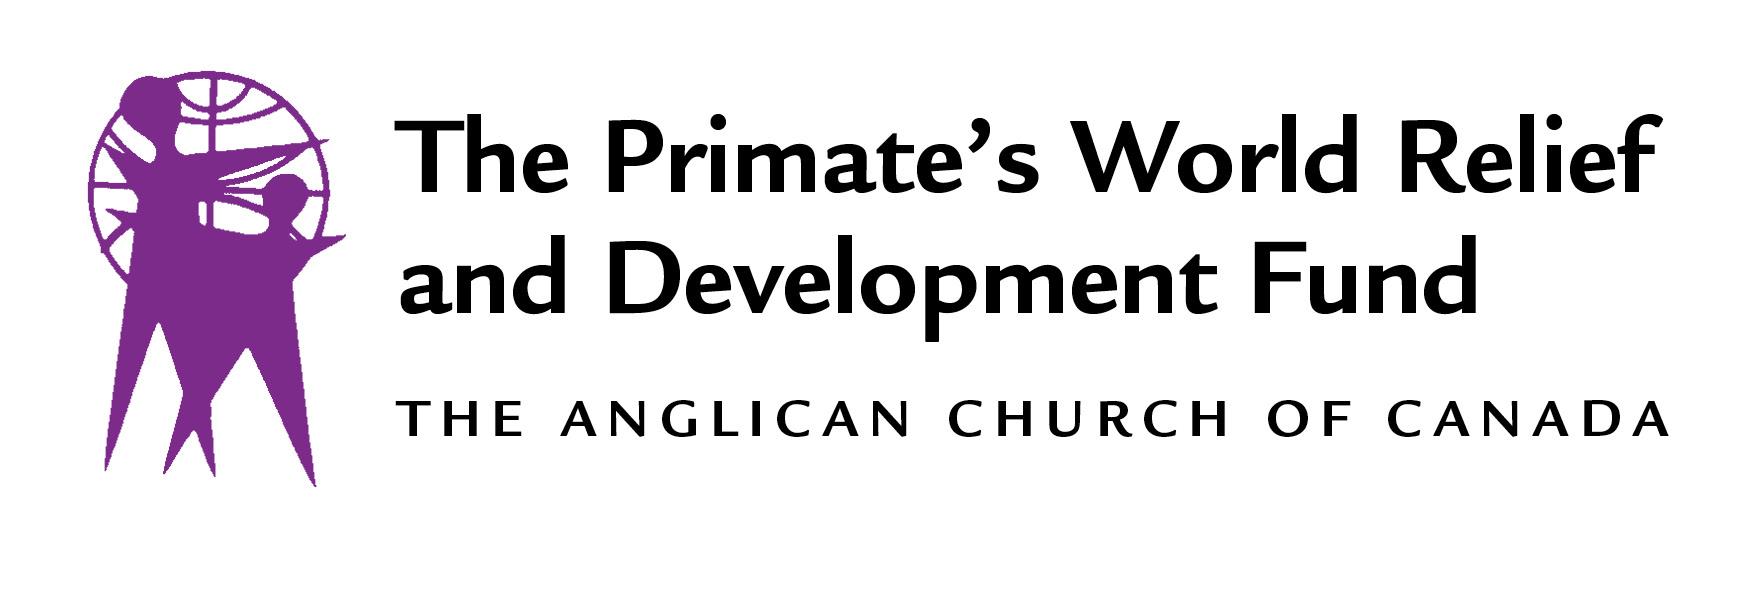 Fonds du primat pour le secours et le développement mondial - Logo